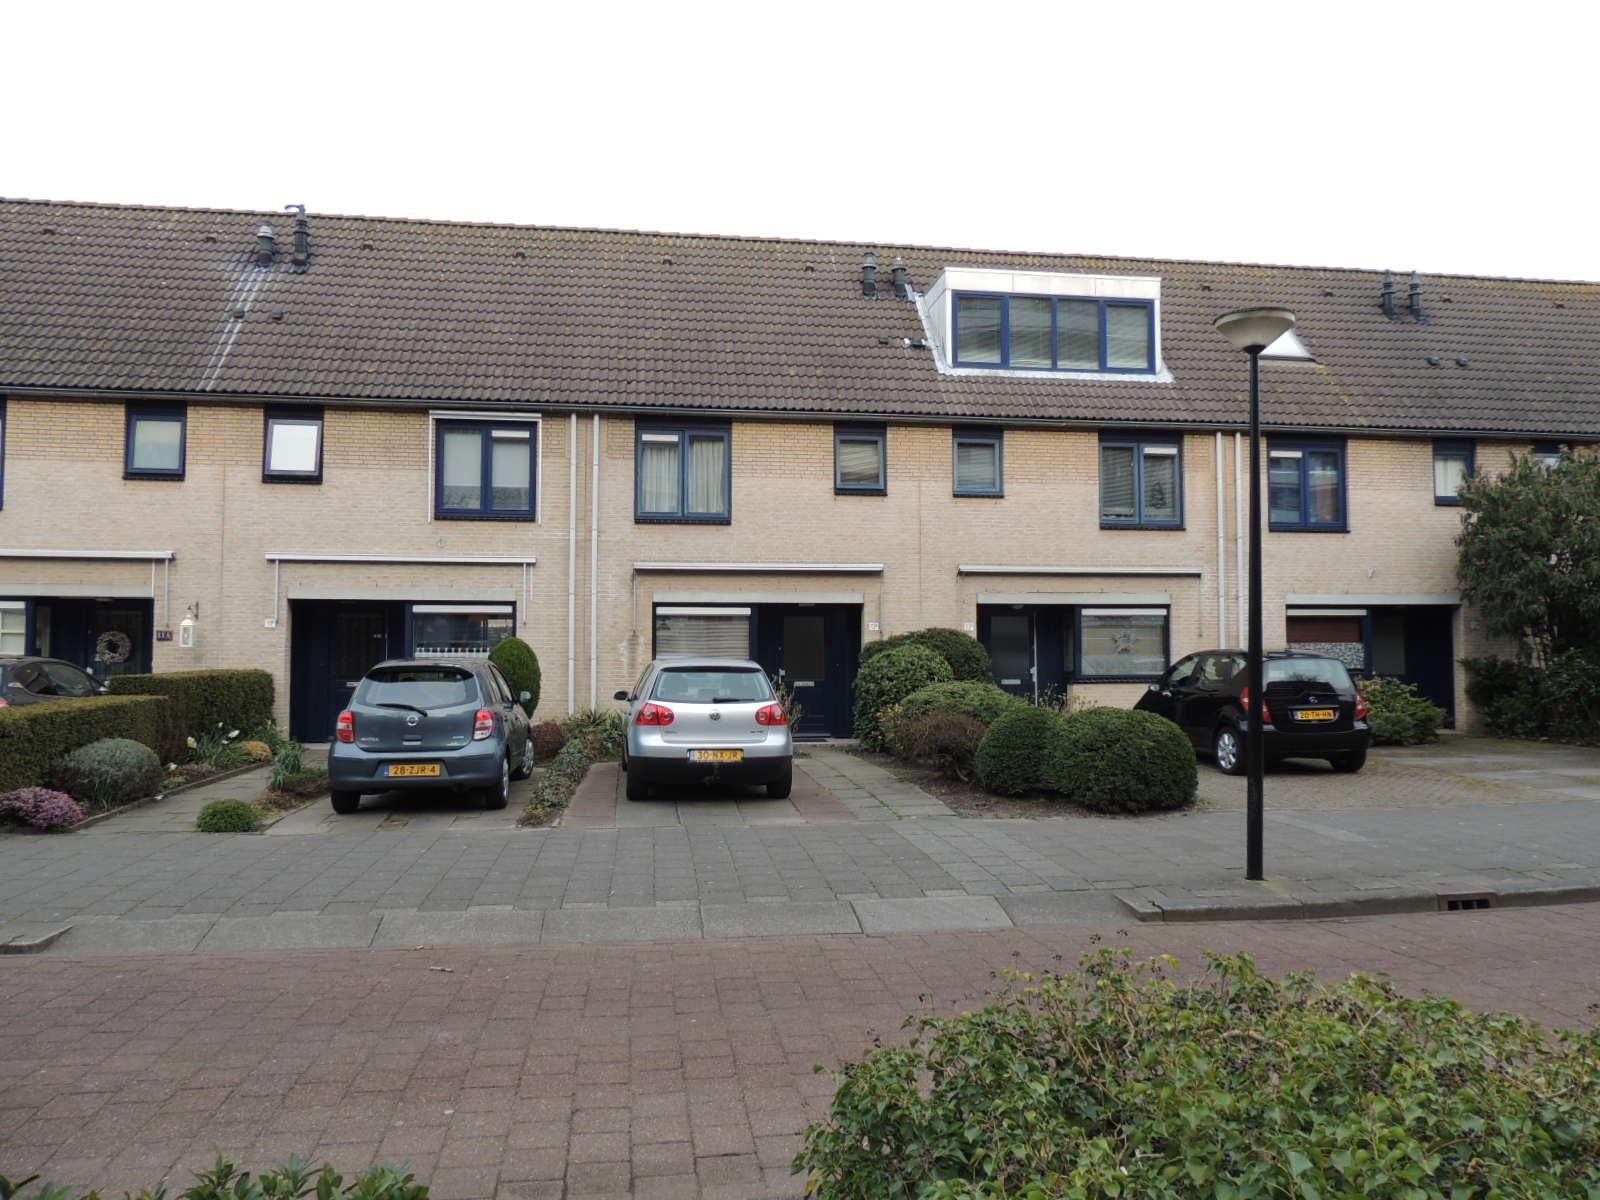 Steenvoordelaan (rent is INCL), Rijswijk